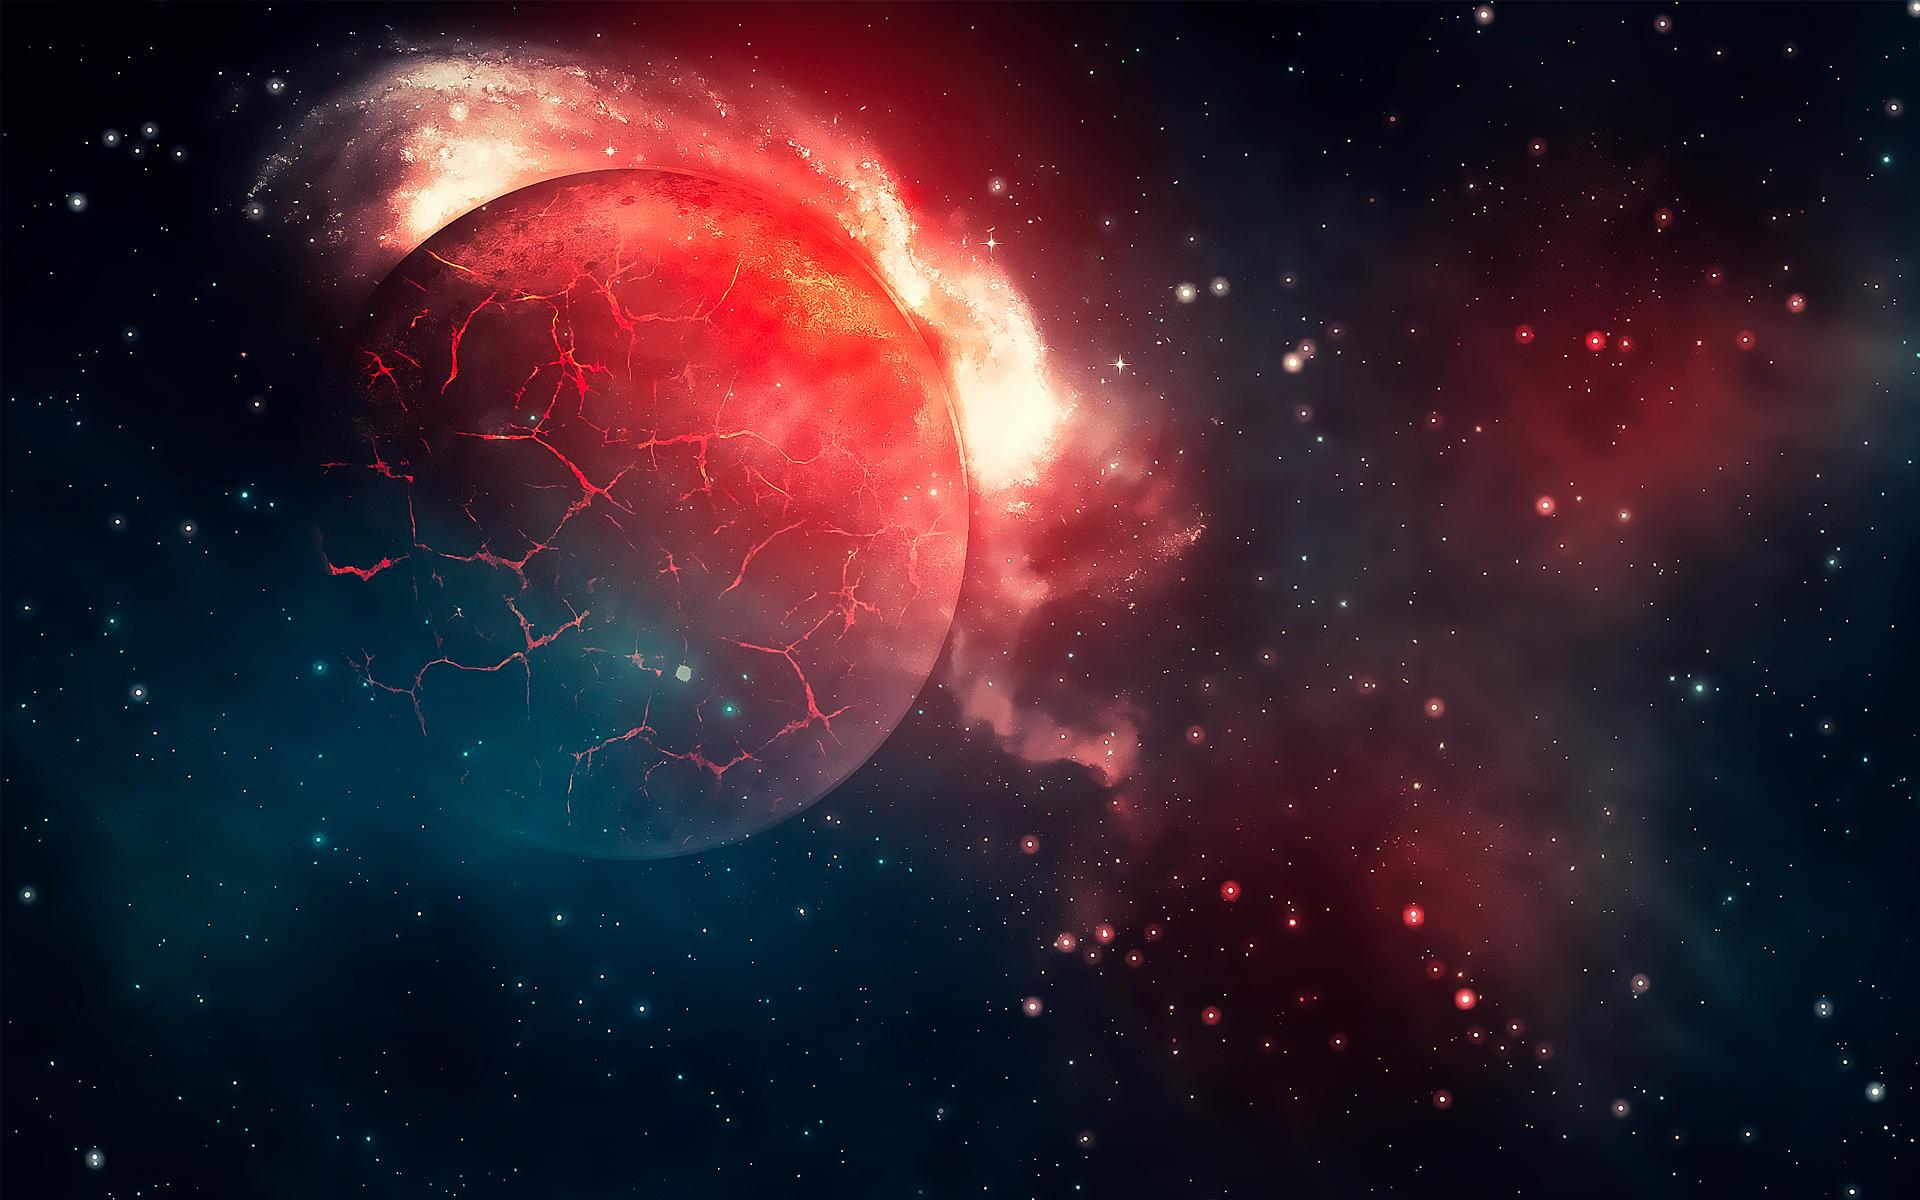 Burning Moon Wallpaper by Martz90